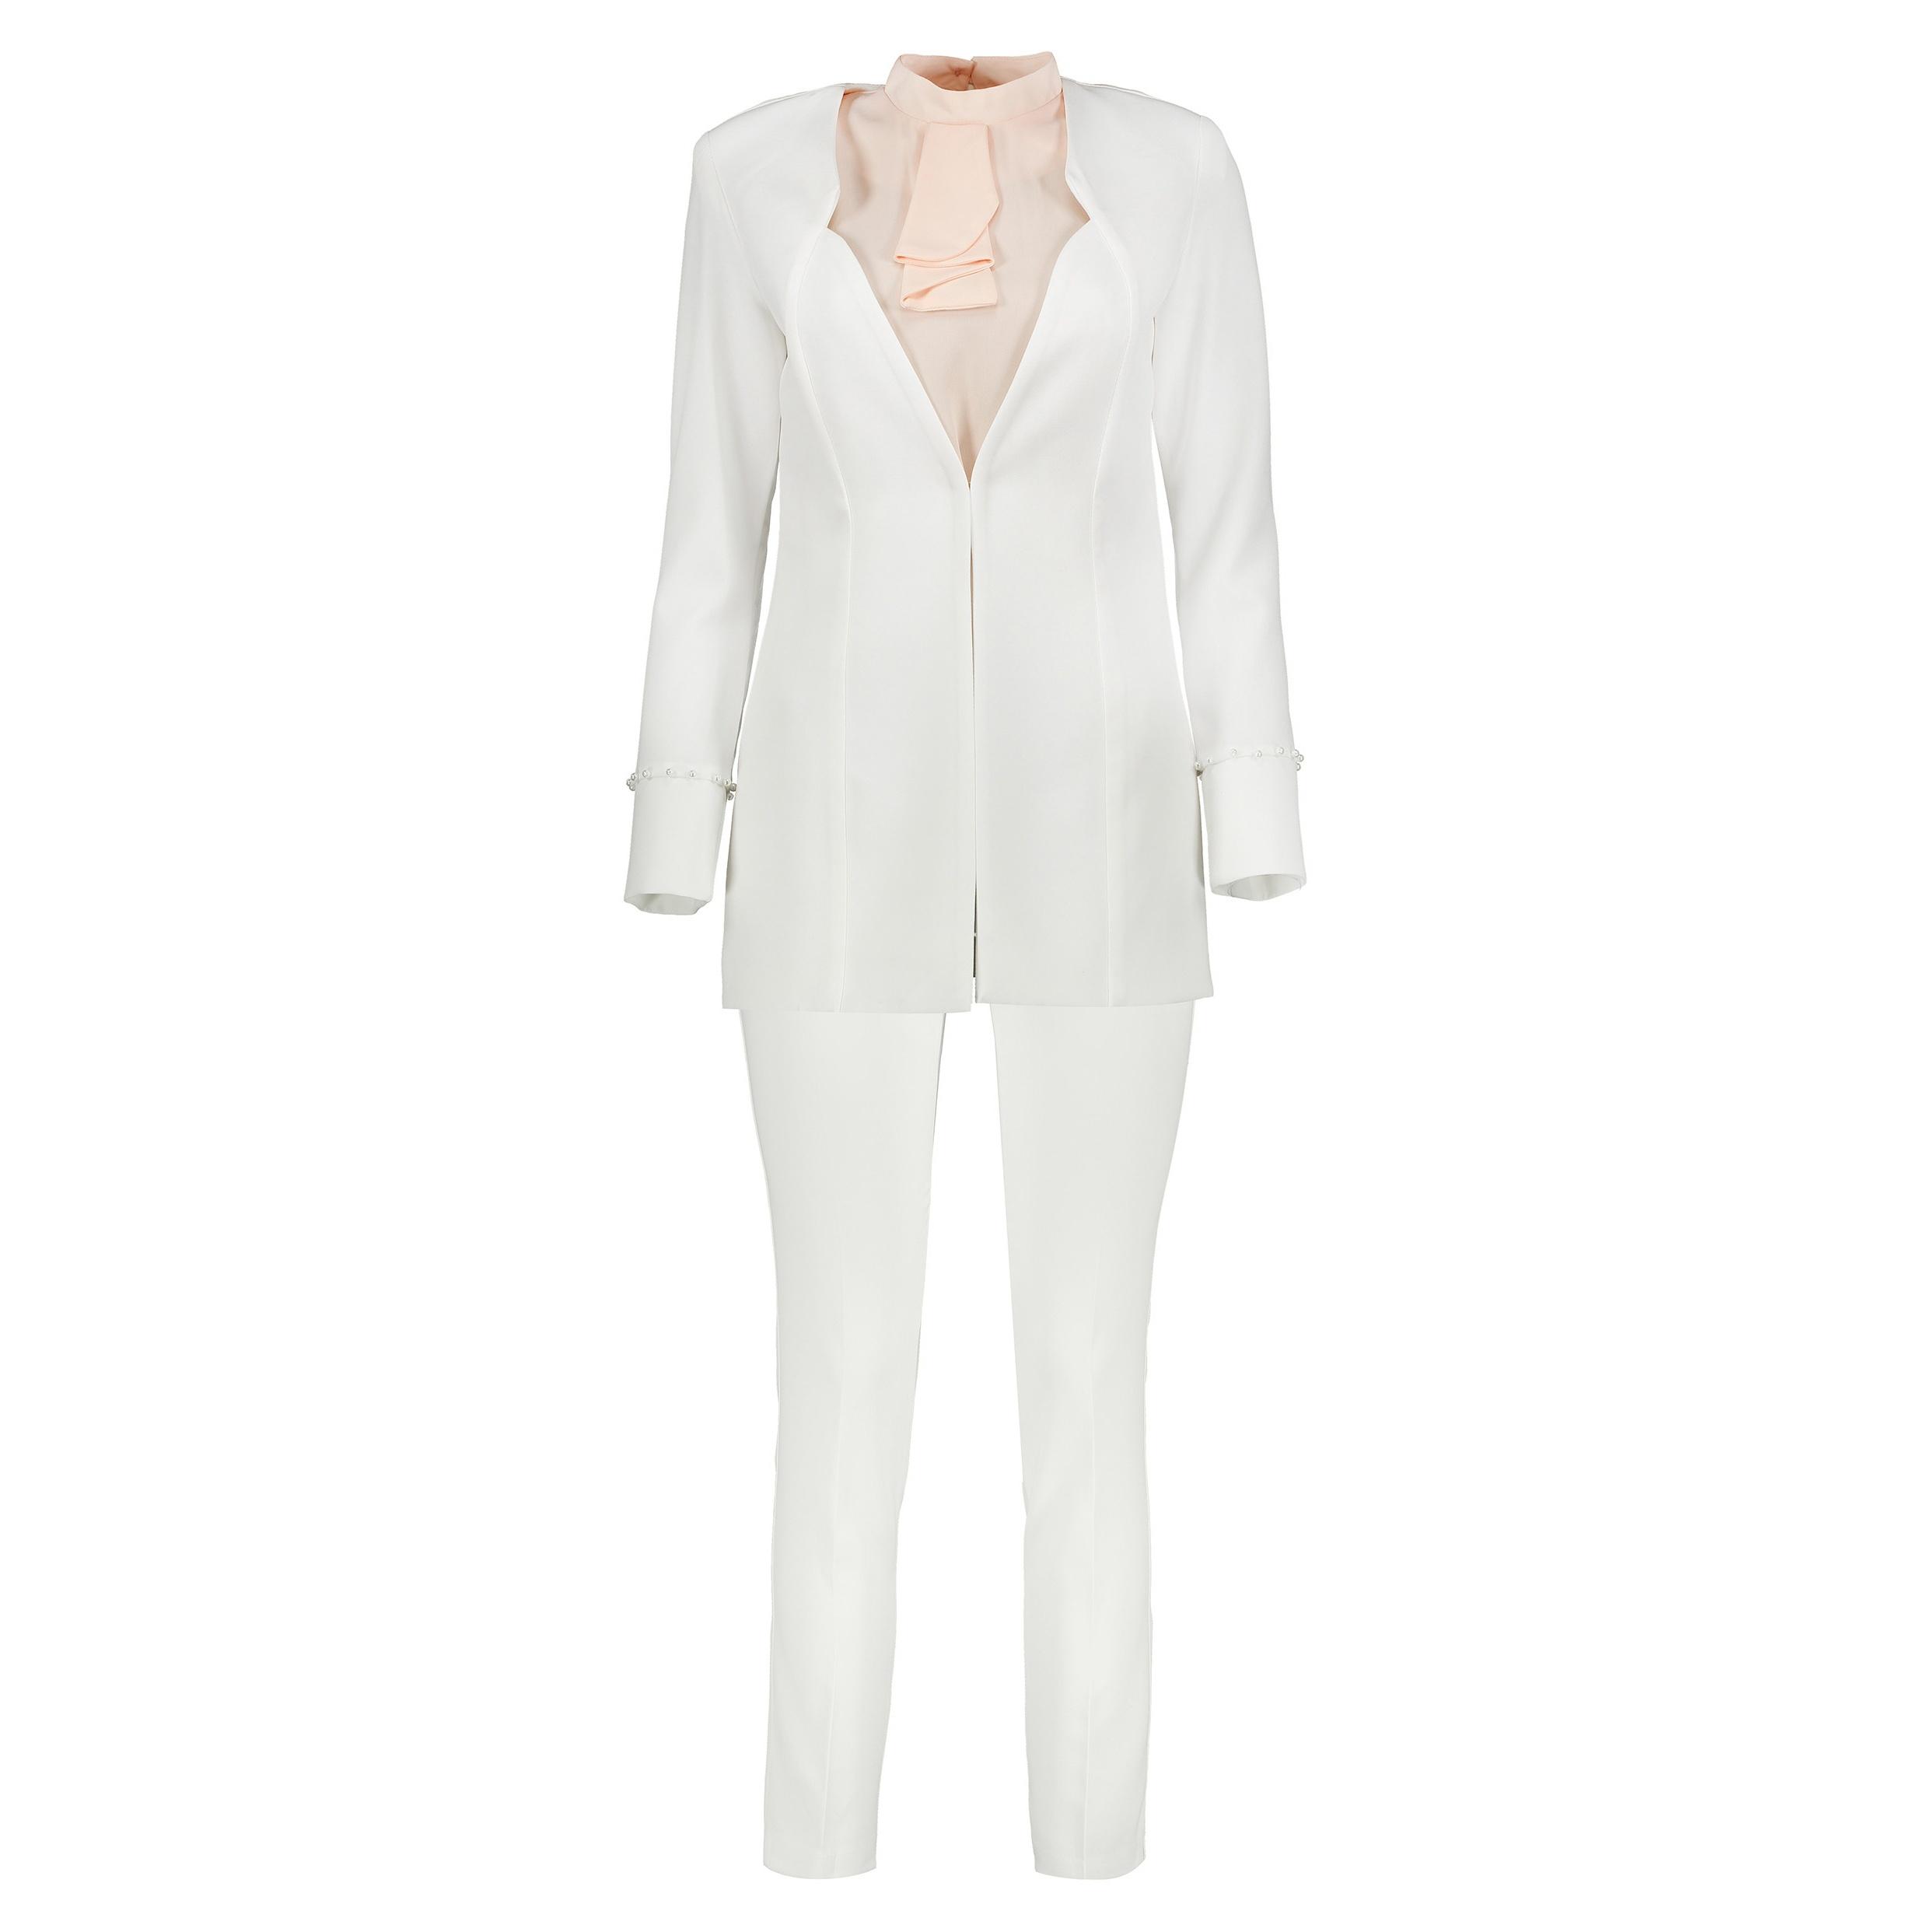 ست سه تکه لباس زنانه تولیکا کد 4142103